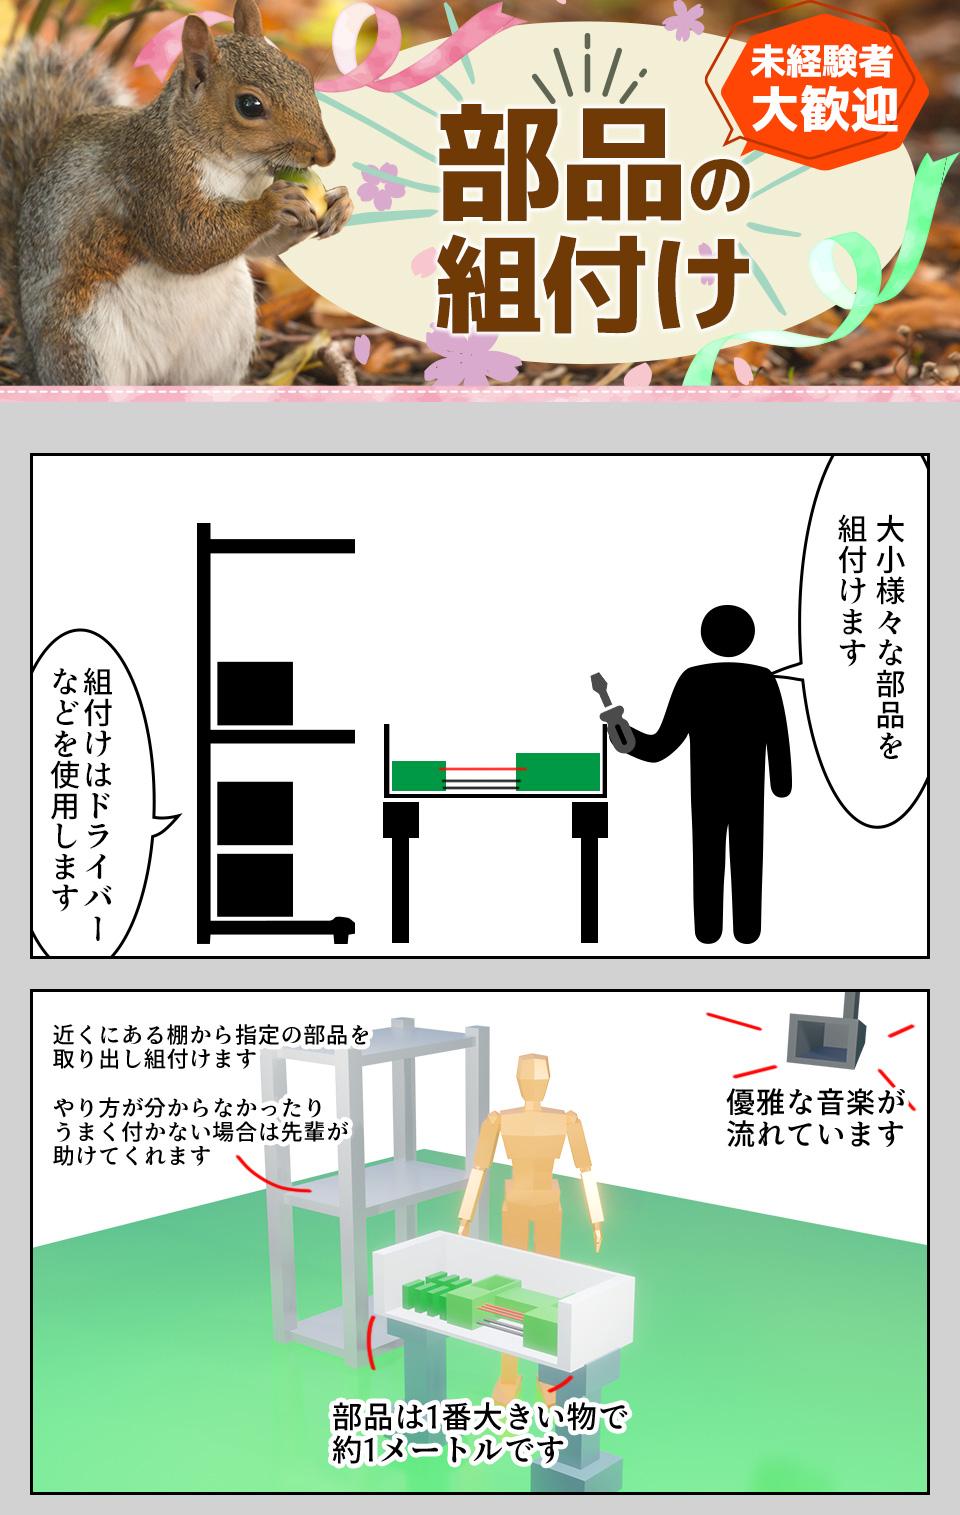 部品の組付け 石川県白山市の派遣社員求人